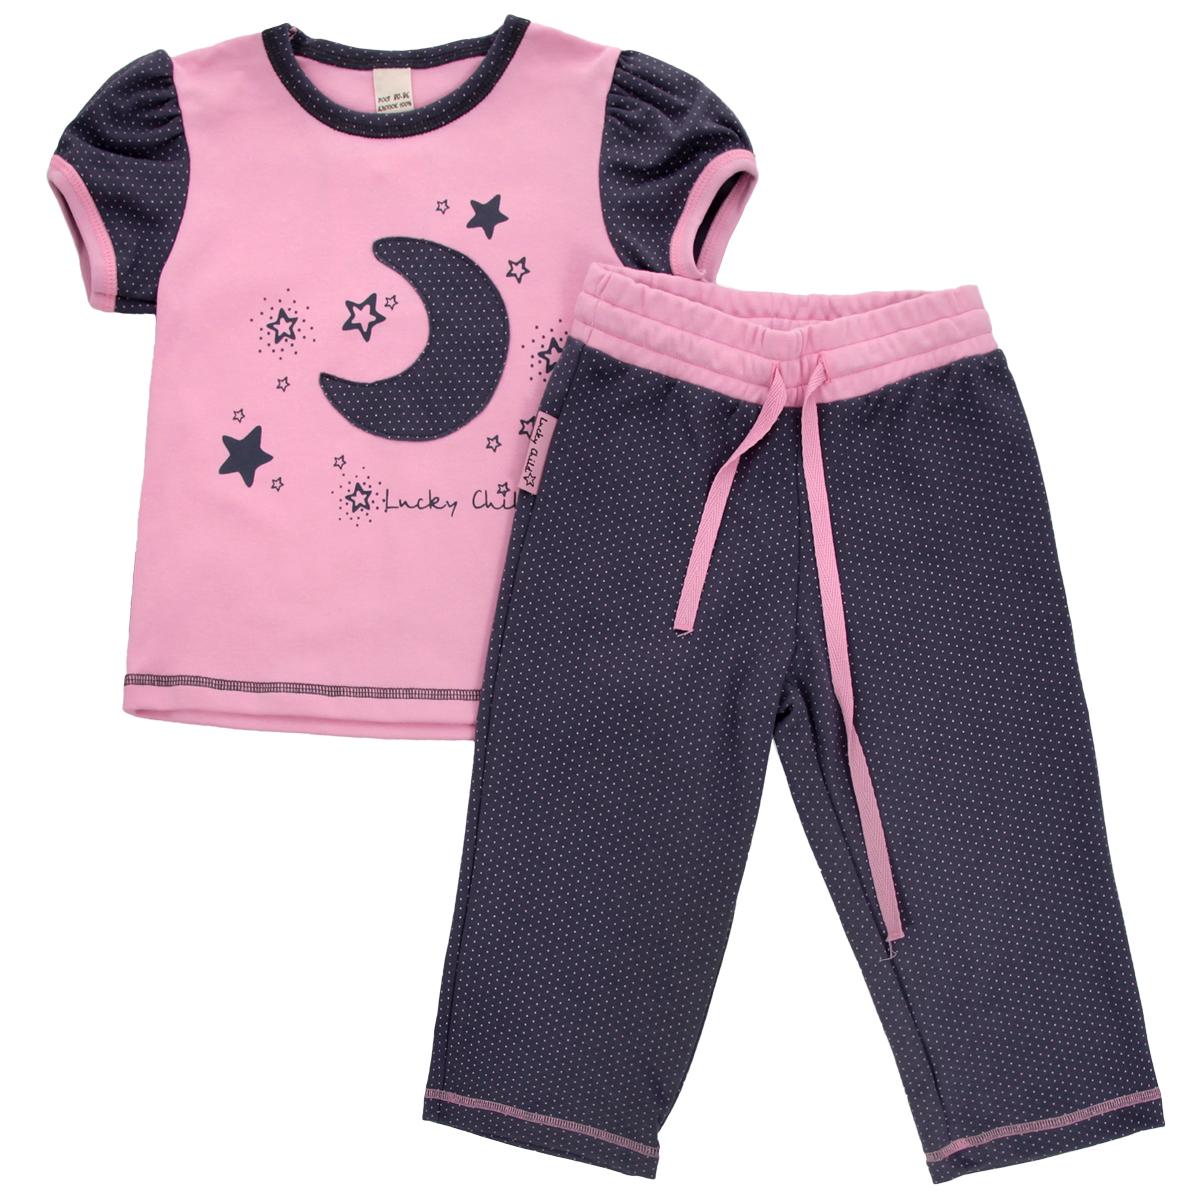 Пижама для девочки Lucky Child, цвет: серо-фиолетовый, розовый. 12-403. Размер 104/11012-403Очаровательная пижама для девочки Lucky Child, состоящая из футболки и брюк, идеально подойдет вашей дочурке и станет отличным дополнением к детскому гардеробу. Изготовленная из натурального хлопка - интерлока, она необычайно мягкая и приятная на ощупь, не раздражает нежную кожу ребенка и хорошо вентилируется, а эластичные швы приятны телу и не препятствуют его движениям.Футболка с короткими рукавами-фонариками и круглым вырезом горловины оформлена оригинальной аппликацией в виде месяца, а также принтом с изображением звездочек и названием бренда. Горловина и рукава оформлены мелким гороховым принтом. Низ изделия оформлен контрастной фигурной прострочкой. Брюки прямого кроя на талии имеют широкий эластичный пояс со шнурком, благодаря чему они не сдавливают животик ребенка и не сползают. Оформлены брюки мелким гороховым принтом. Такая пижама идеально подойдет вашей дочурке, а мягкие полотна позволят ей комфортно чувствовать себя во время сна!